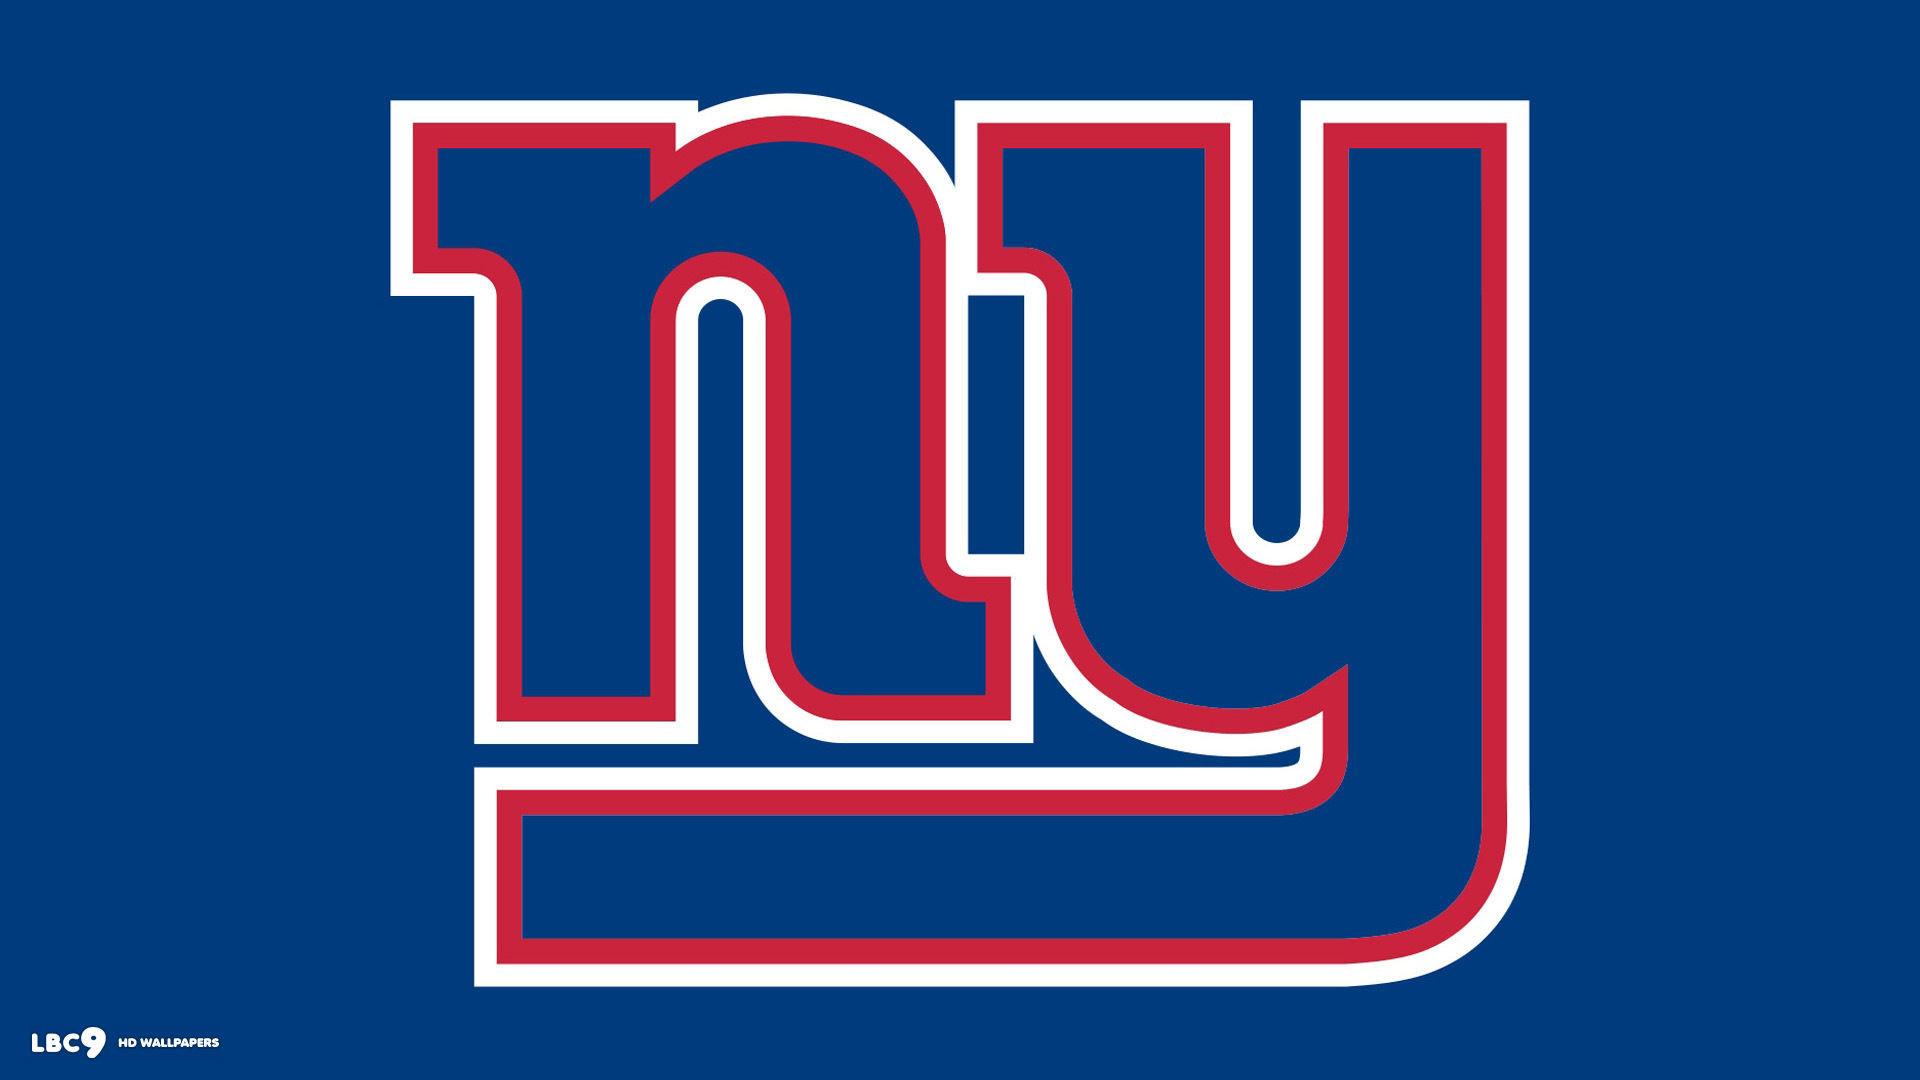 ny giants logo hd wallpaper